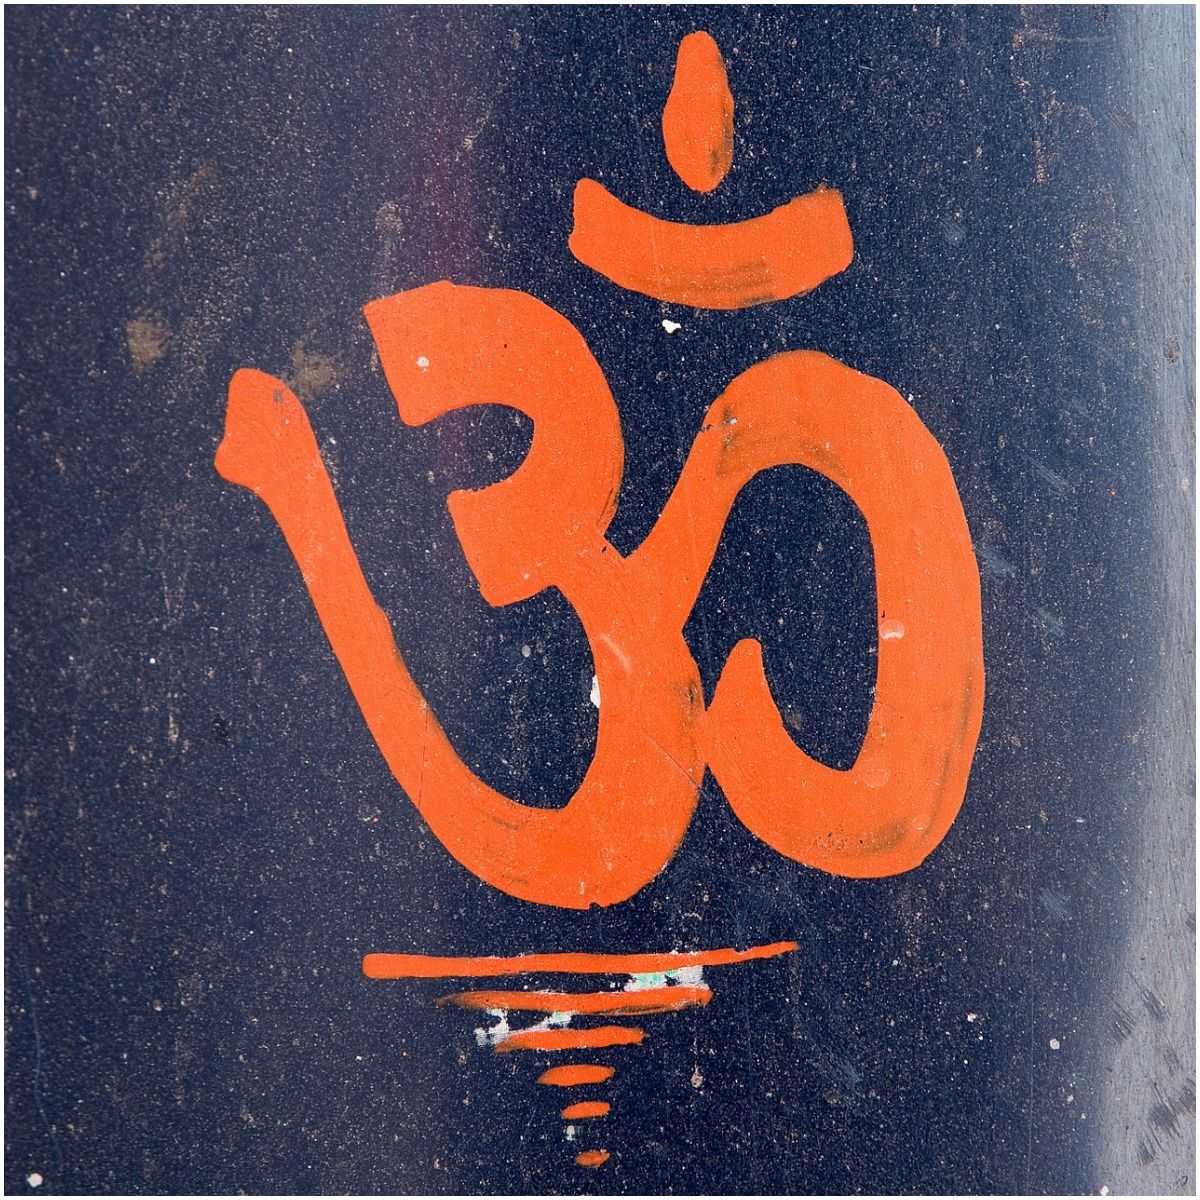 Om Shanti Mantra For Peace Lyrics & Meaning - Sarvesham Svastir Bhavatu